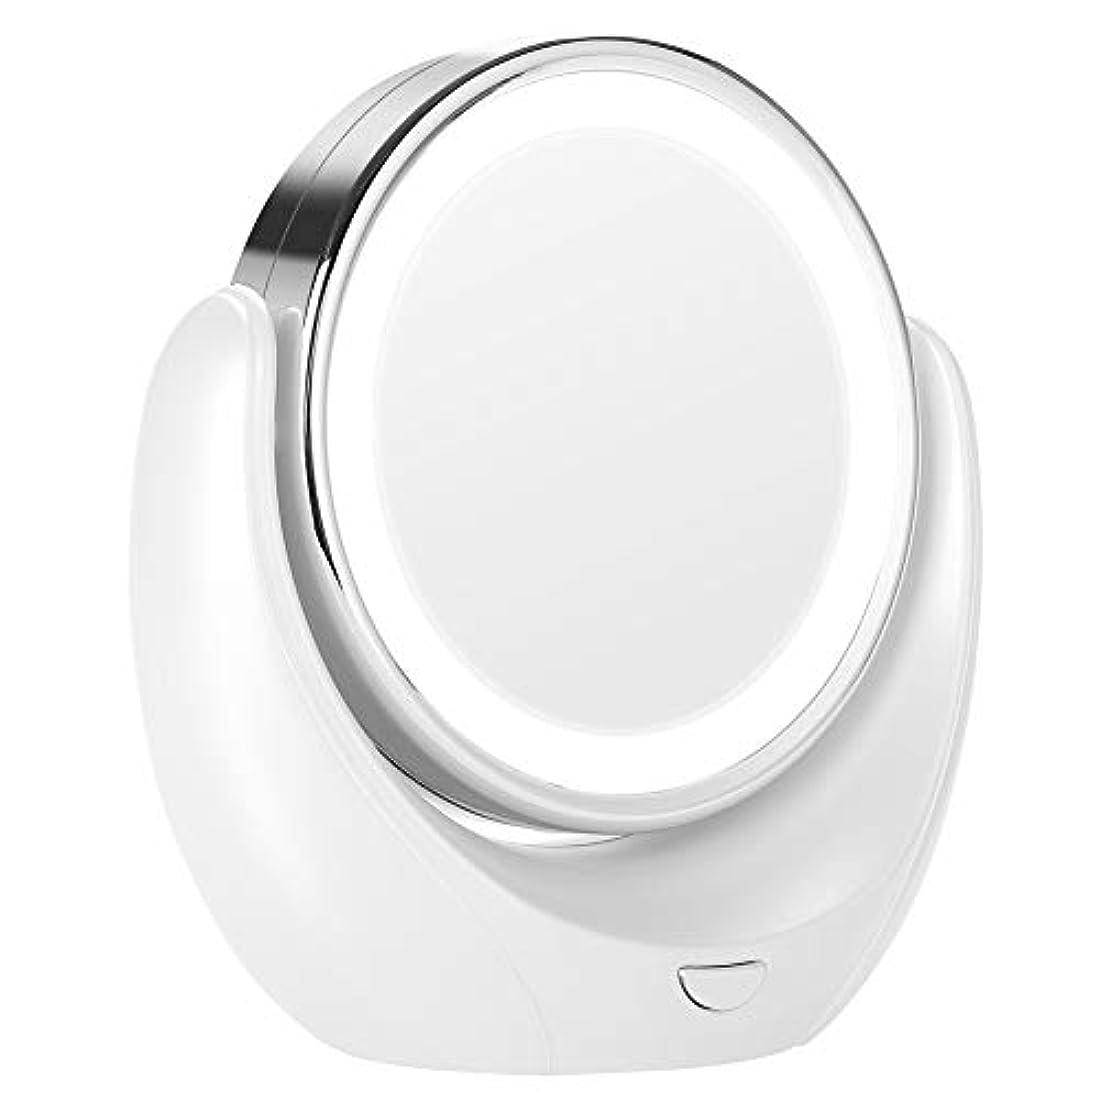 充電より平らな無視できるLED HD 5X拡大鏡360度回転可能なダブルミラー化粧化粧鏡